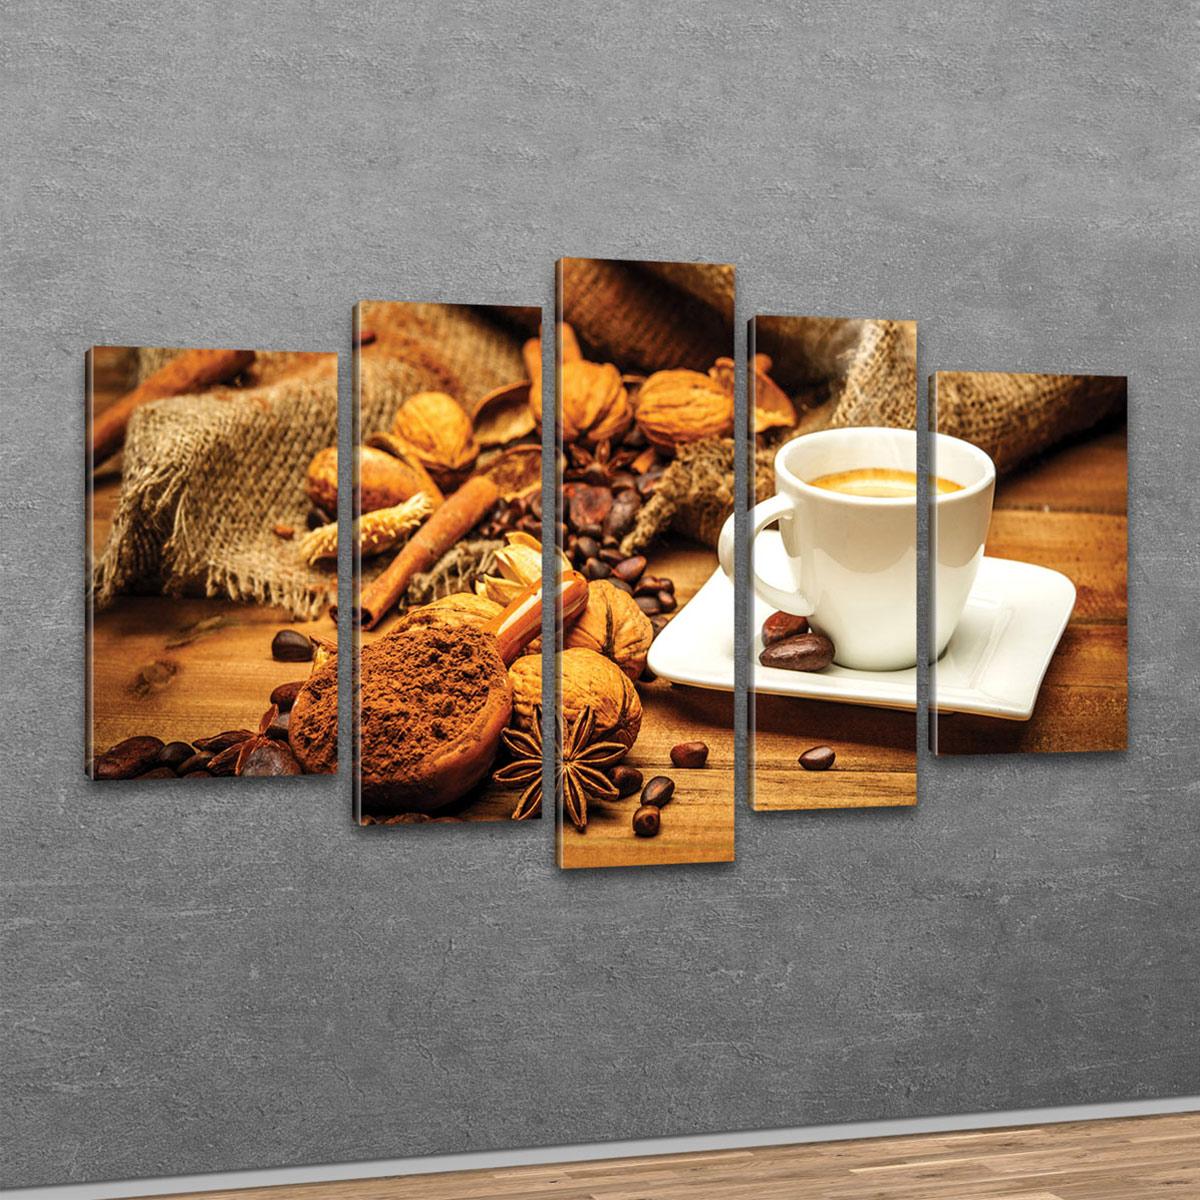 Top Bilder Kunstdruck auf Leinwand Poster Modern Design XXL Kaffee 80cm*80cm 091